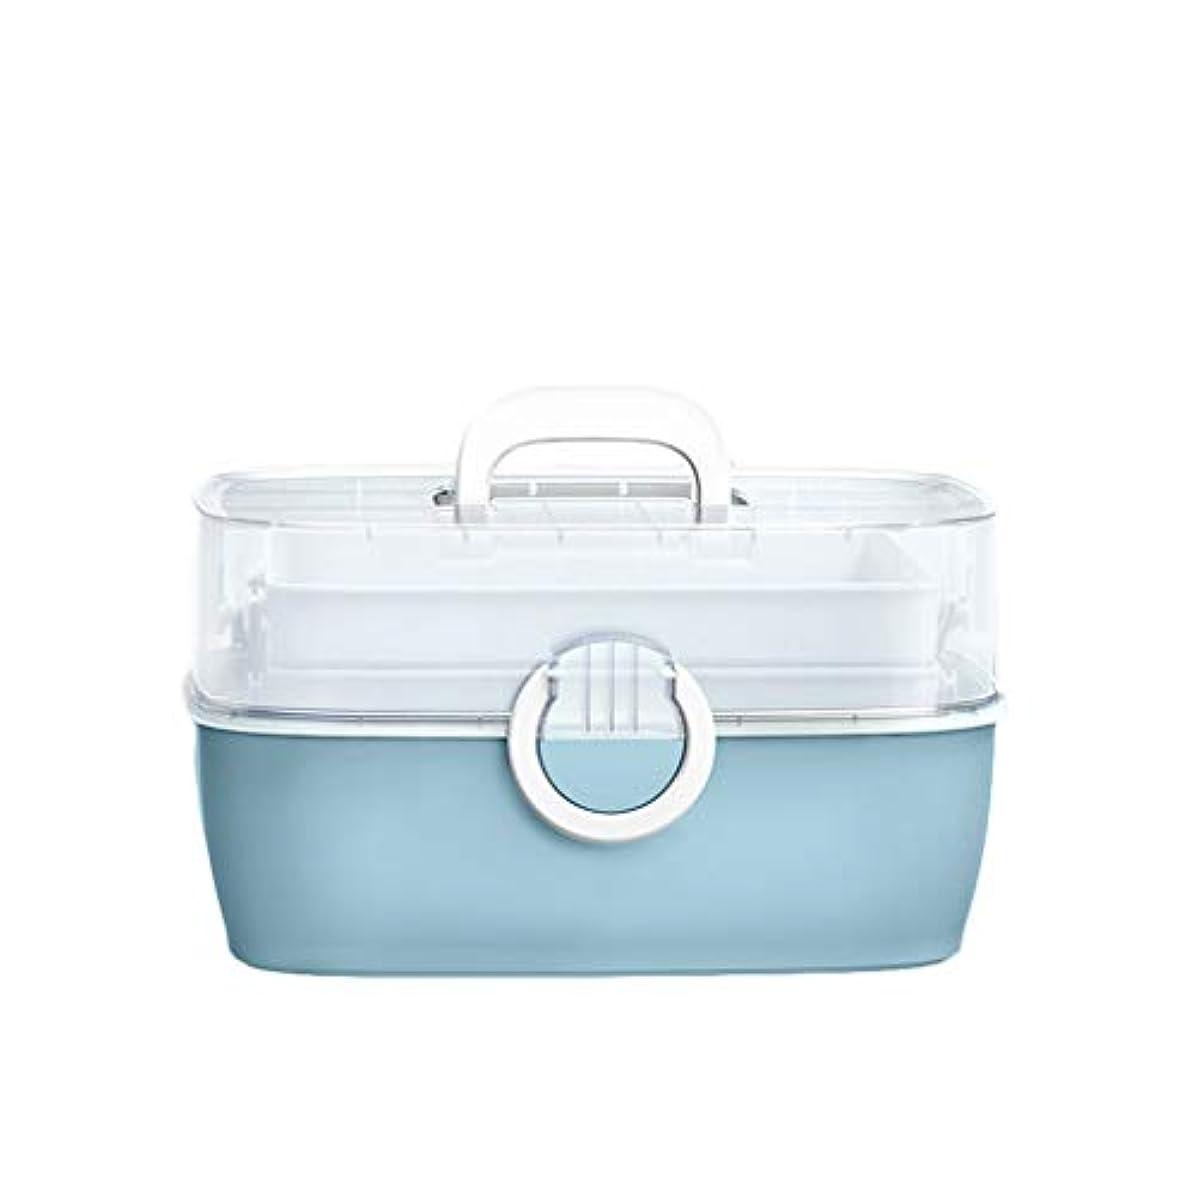 繁殖穀物バッテリー家庭用薬箱多層児童家庭用薬収納ボックスポータブル外来応急処置 HUXIUPING (Color : Blue)